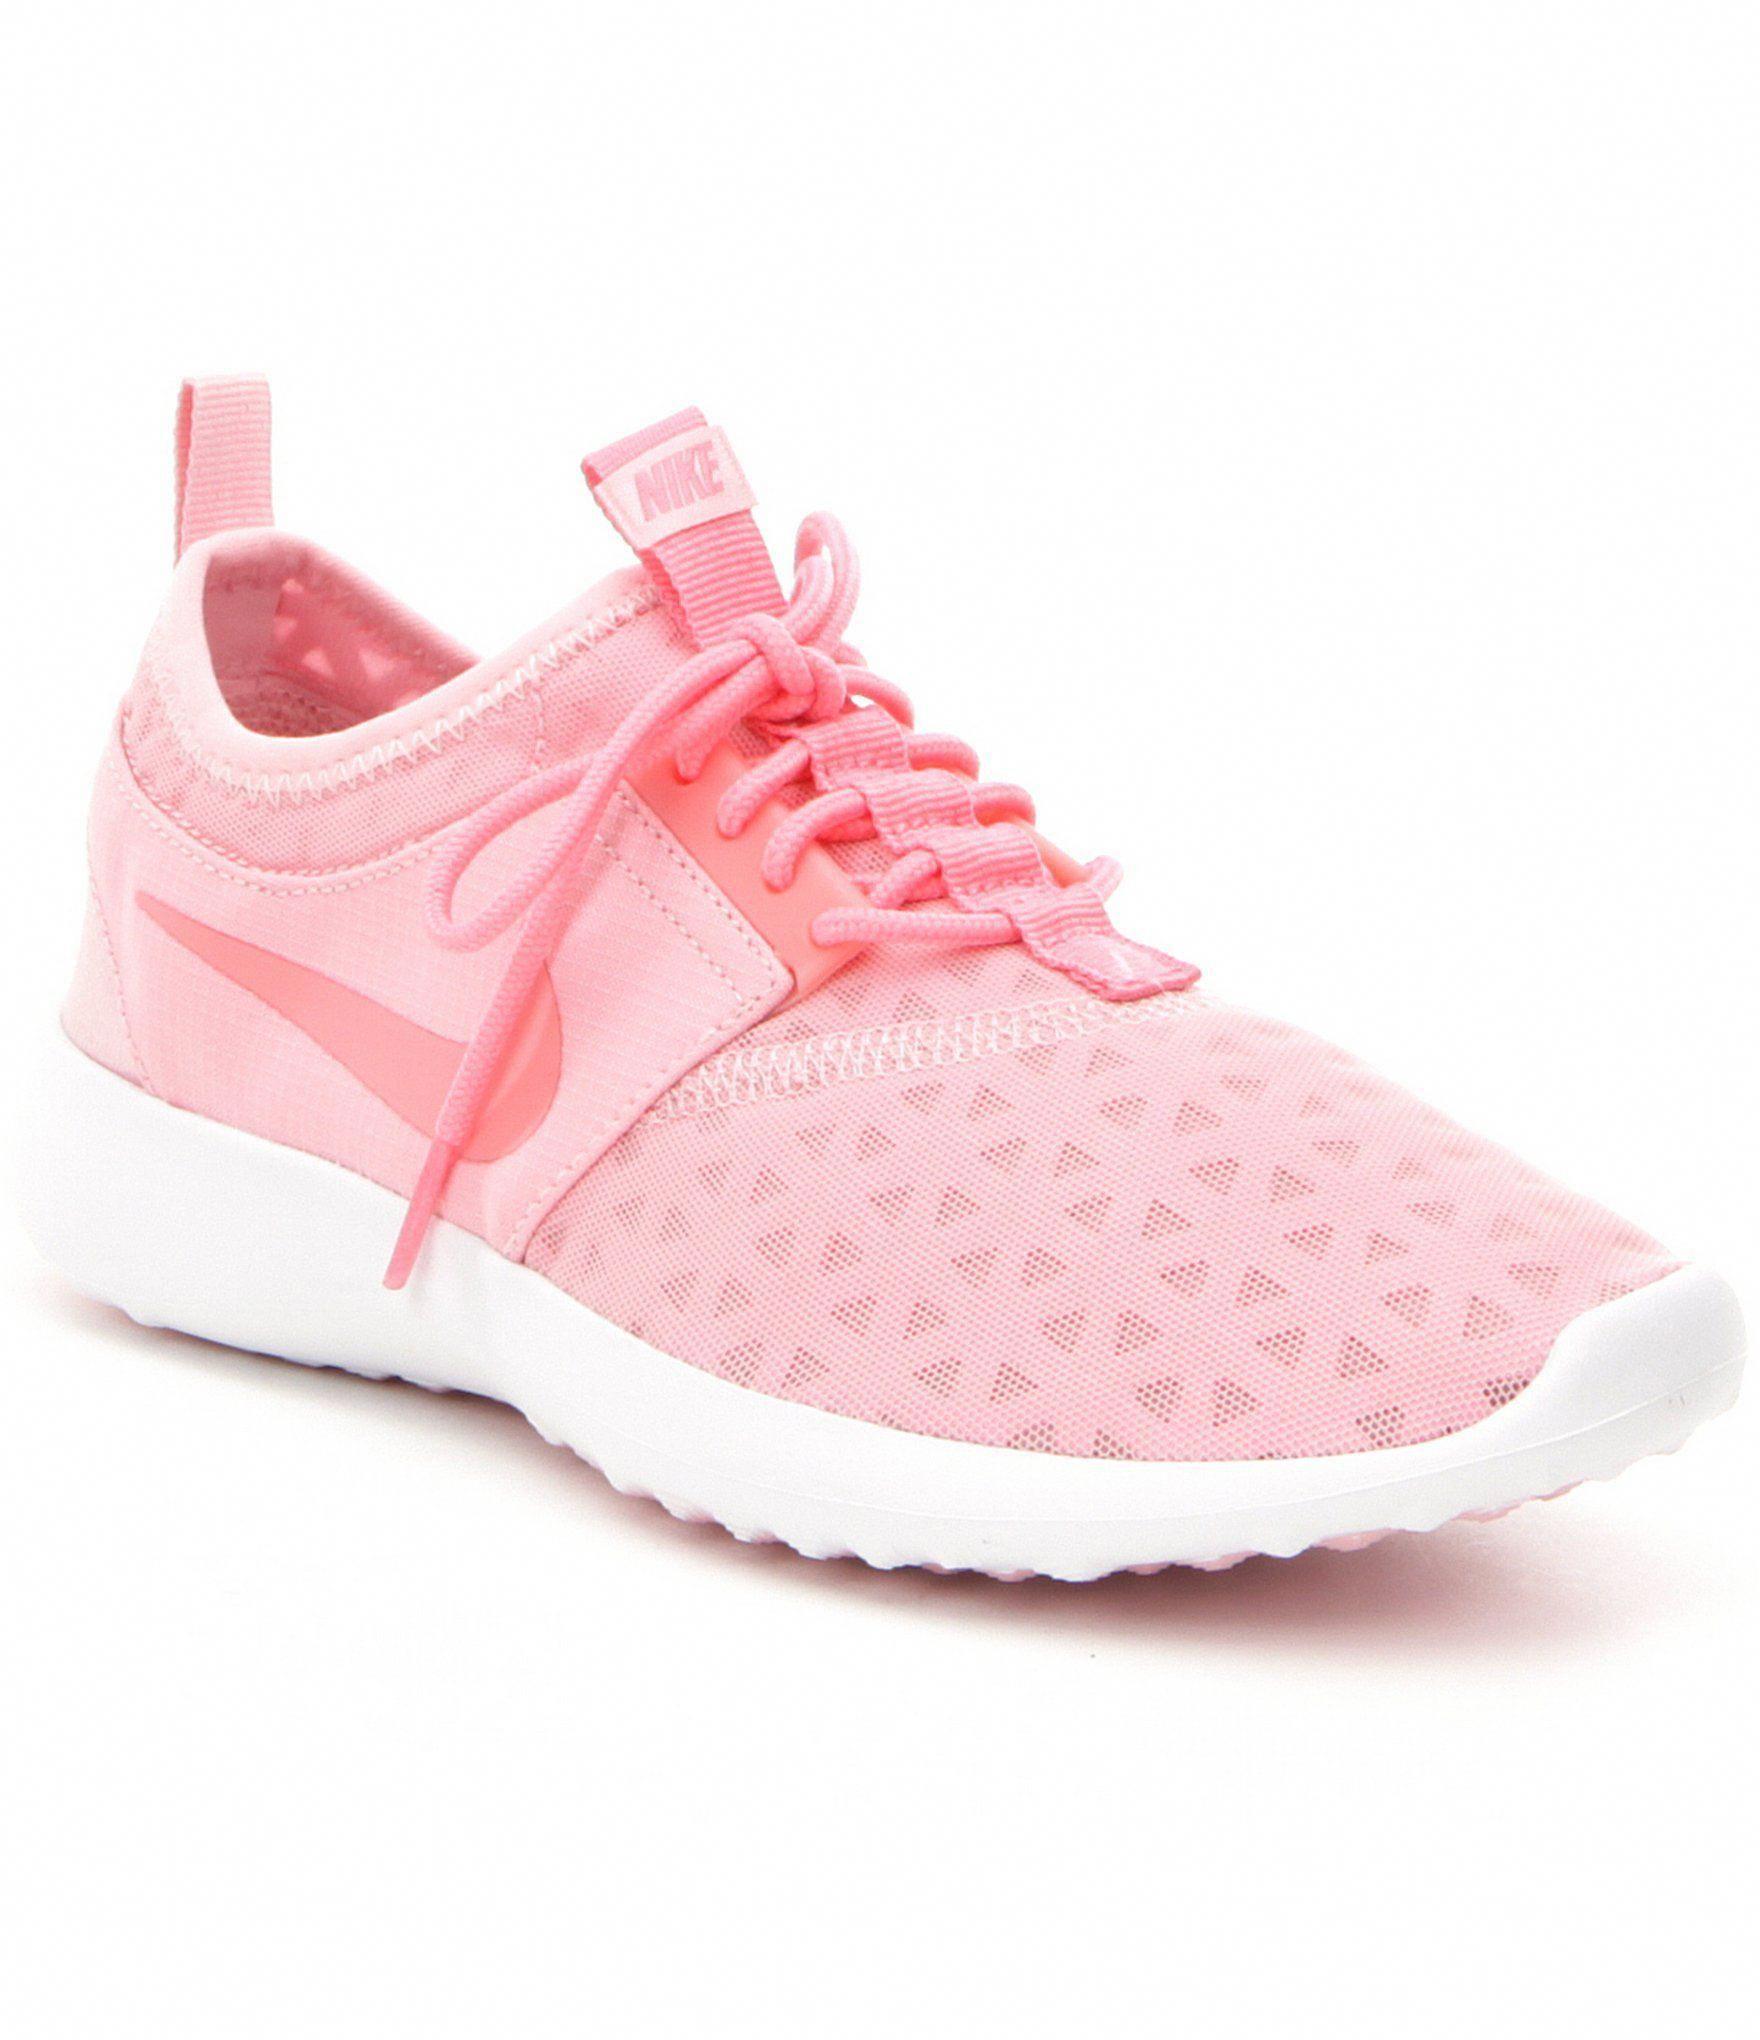 Nike shoes women, Nike juvenate